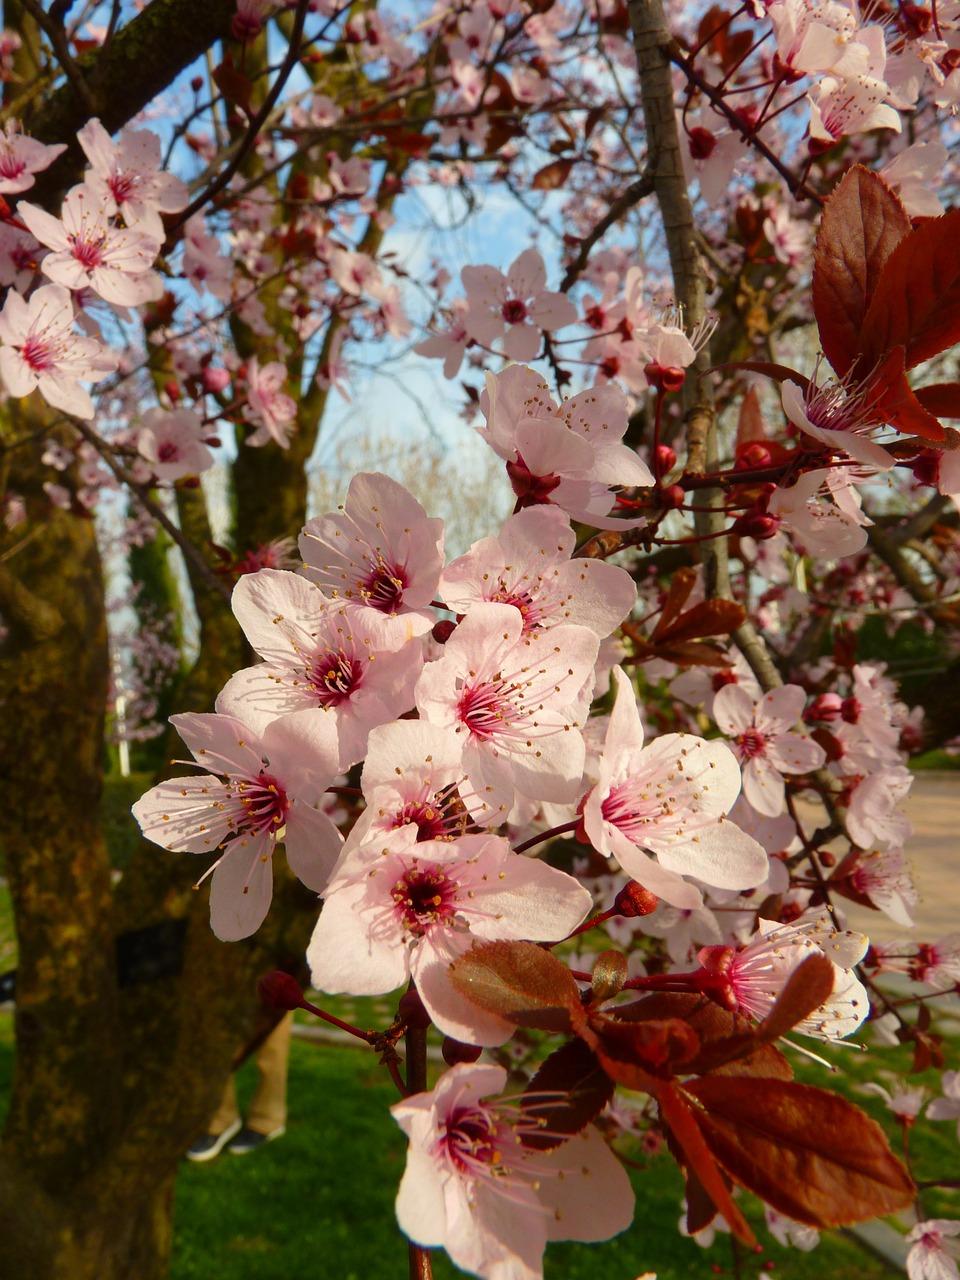 для очень кира алемасова как цветущий миндаль образом, тепло